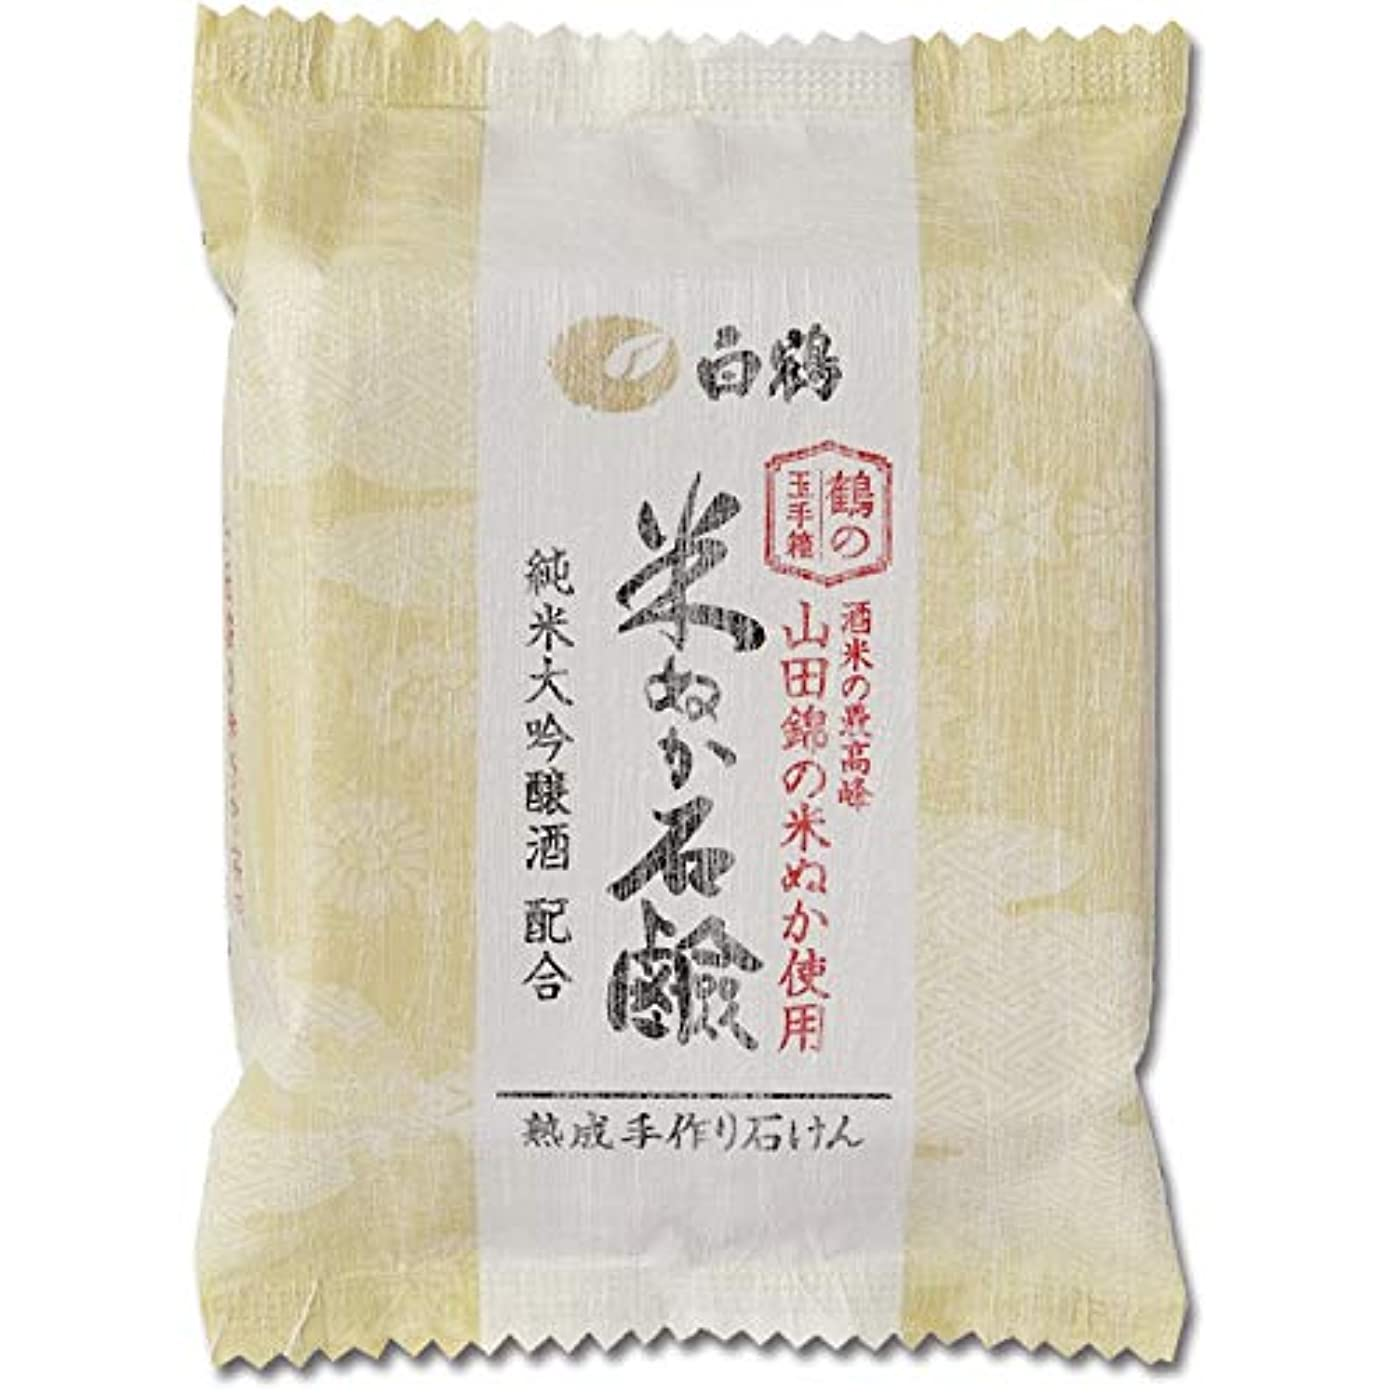 微生物手当センチメートル白鶴 鶴の玉手箱 米ぬか石けん 100g (全身用石鹸)